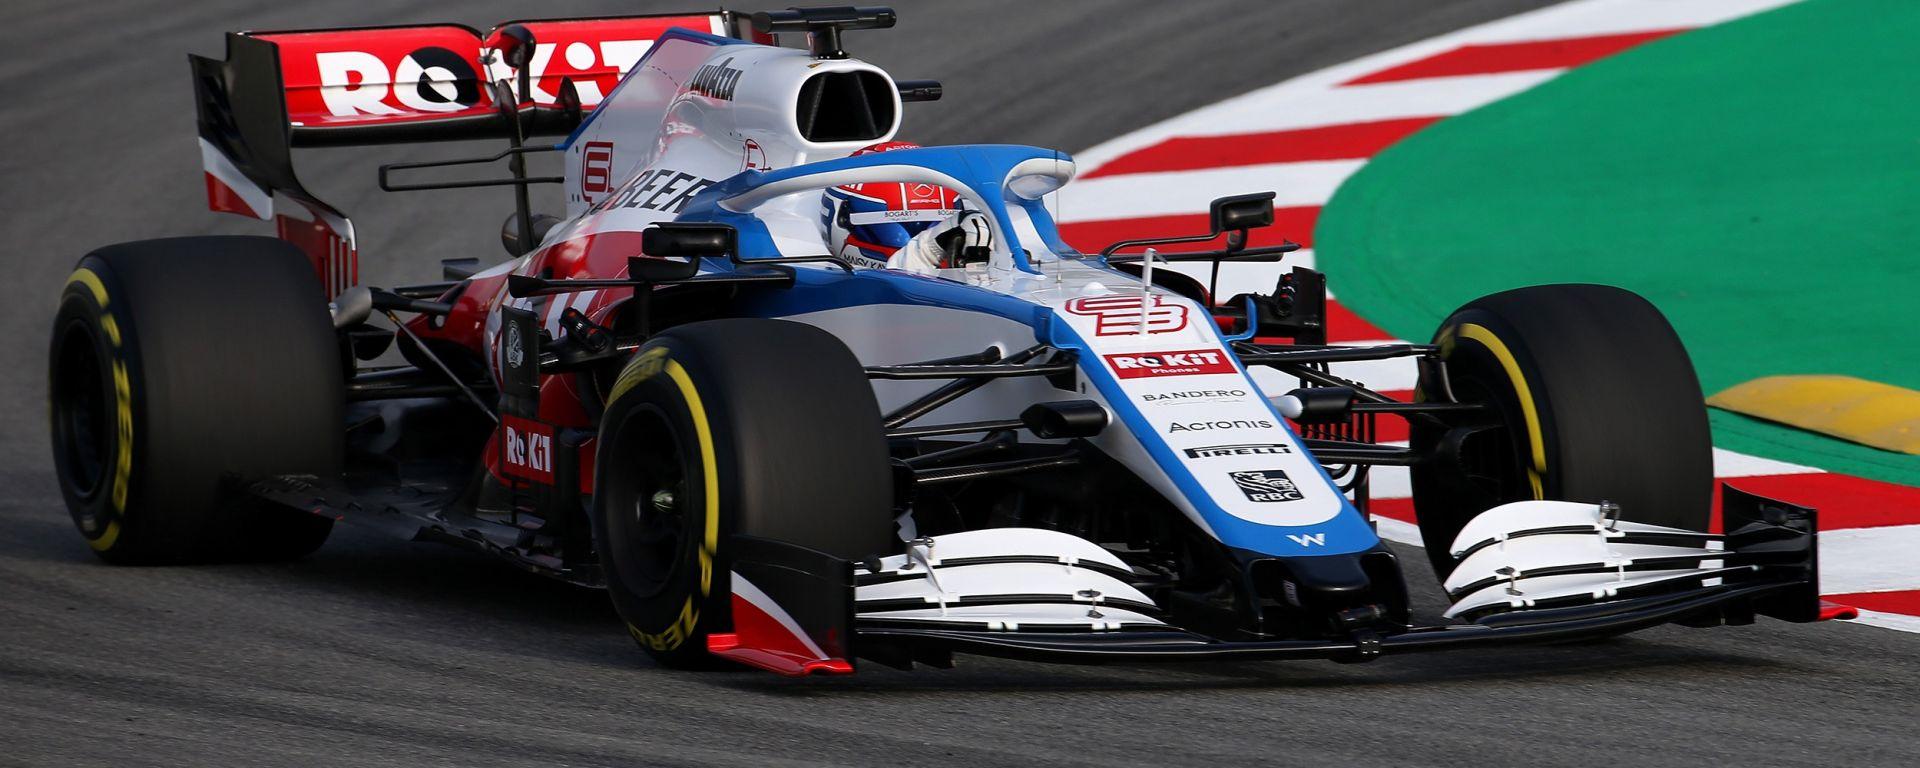 F1 2020: la Williams FW43 impegnata nello shakedown a Barcellona